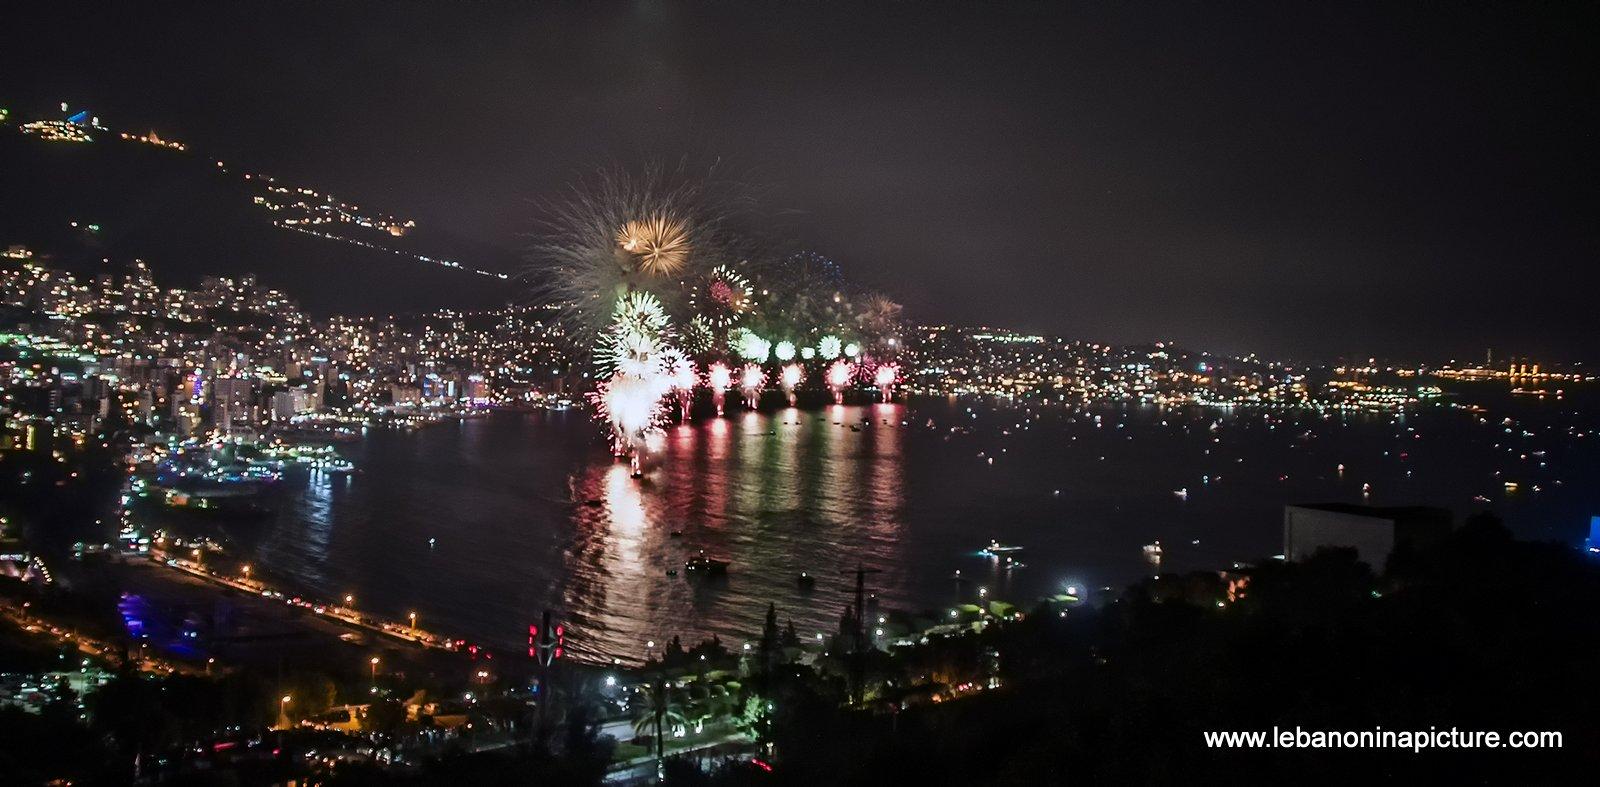 Jounieh Fireworks 2017 - It's Starting